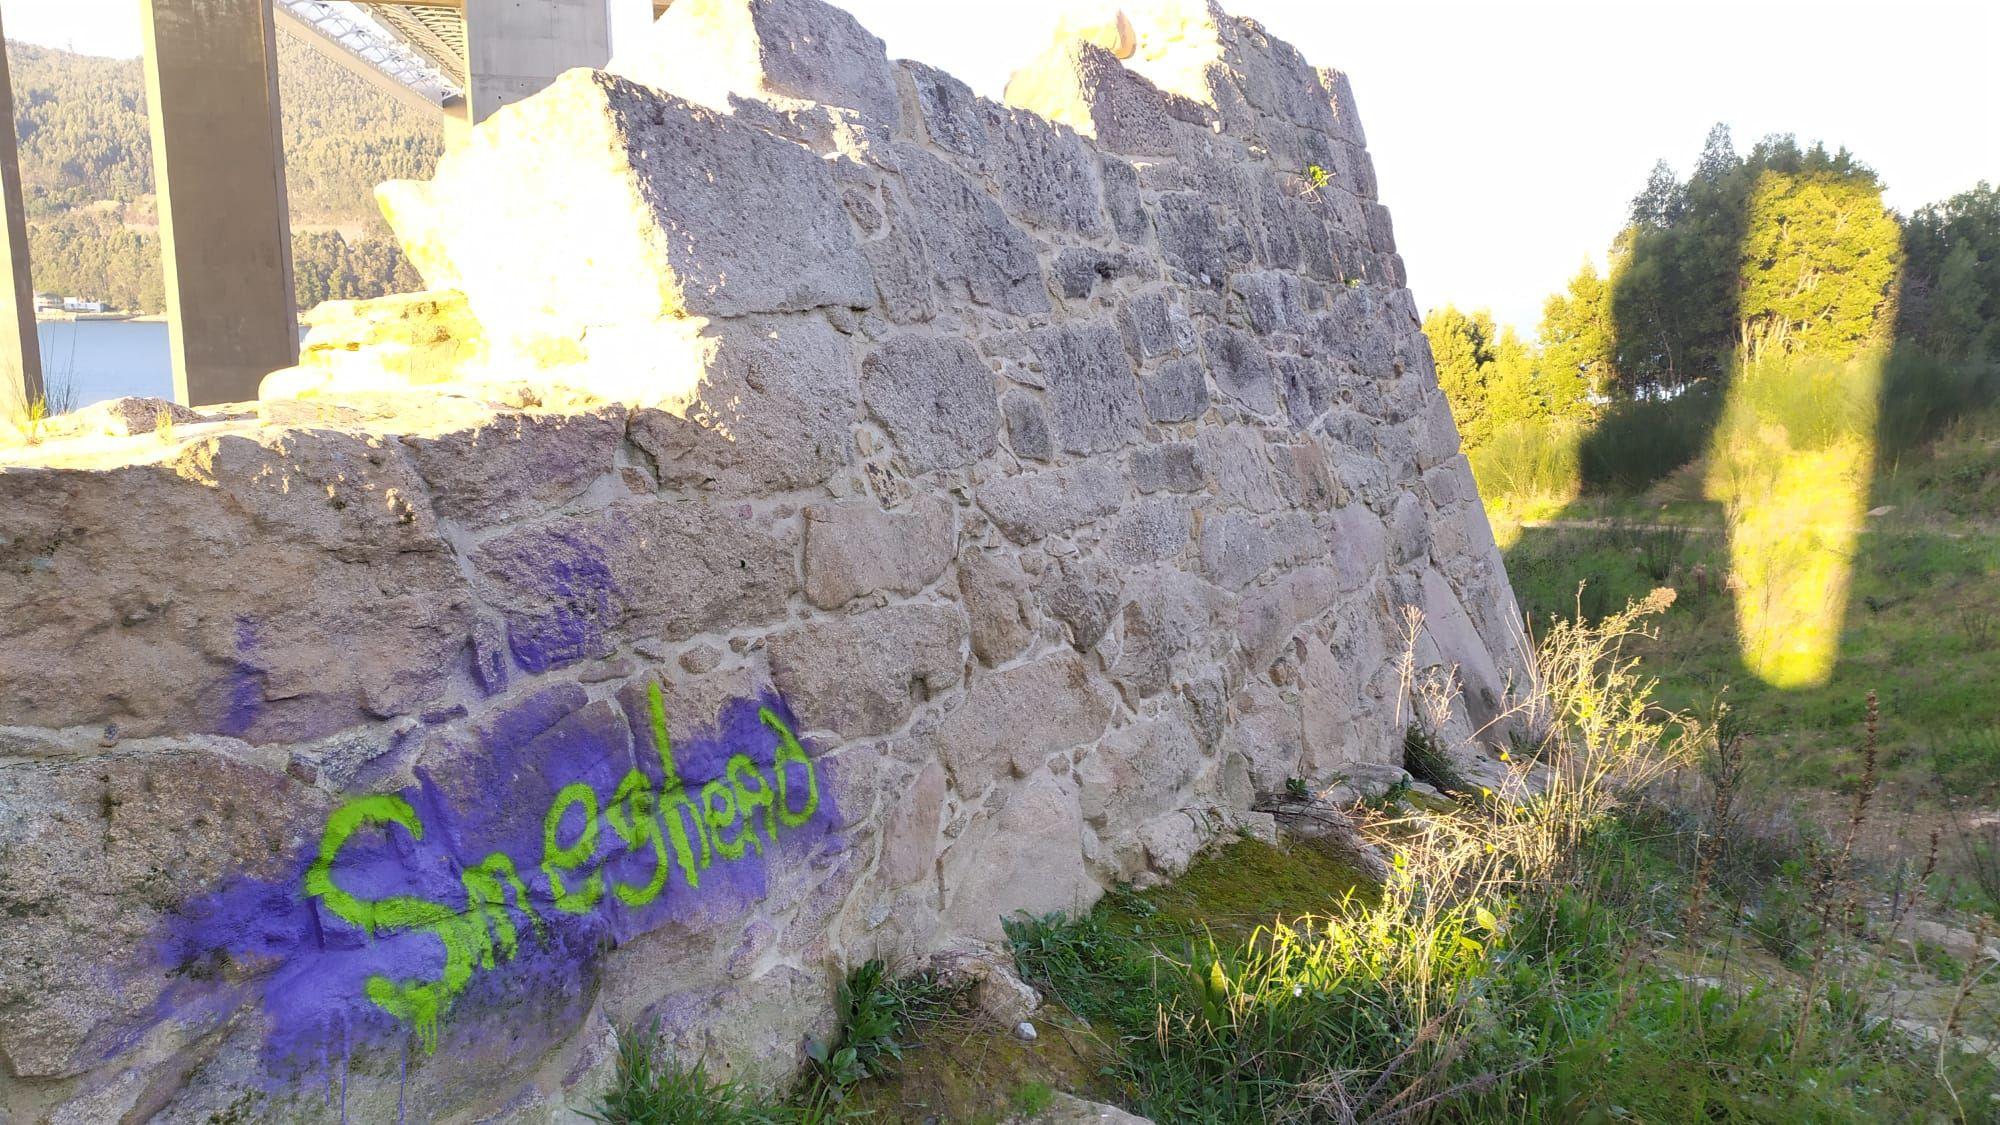 Grafiti aparecido hace dos meses en uno de los muros del castillo de Rande.jpeg